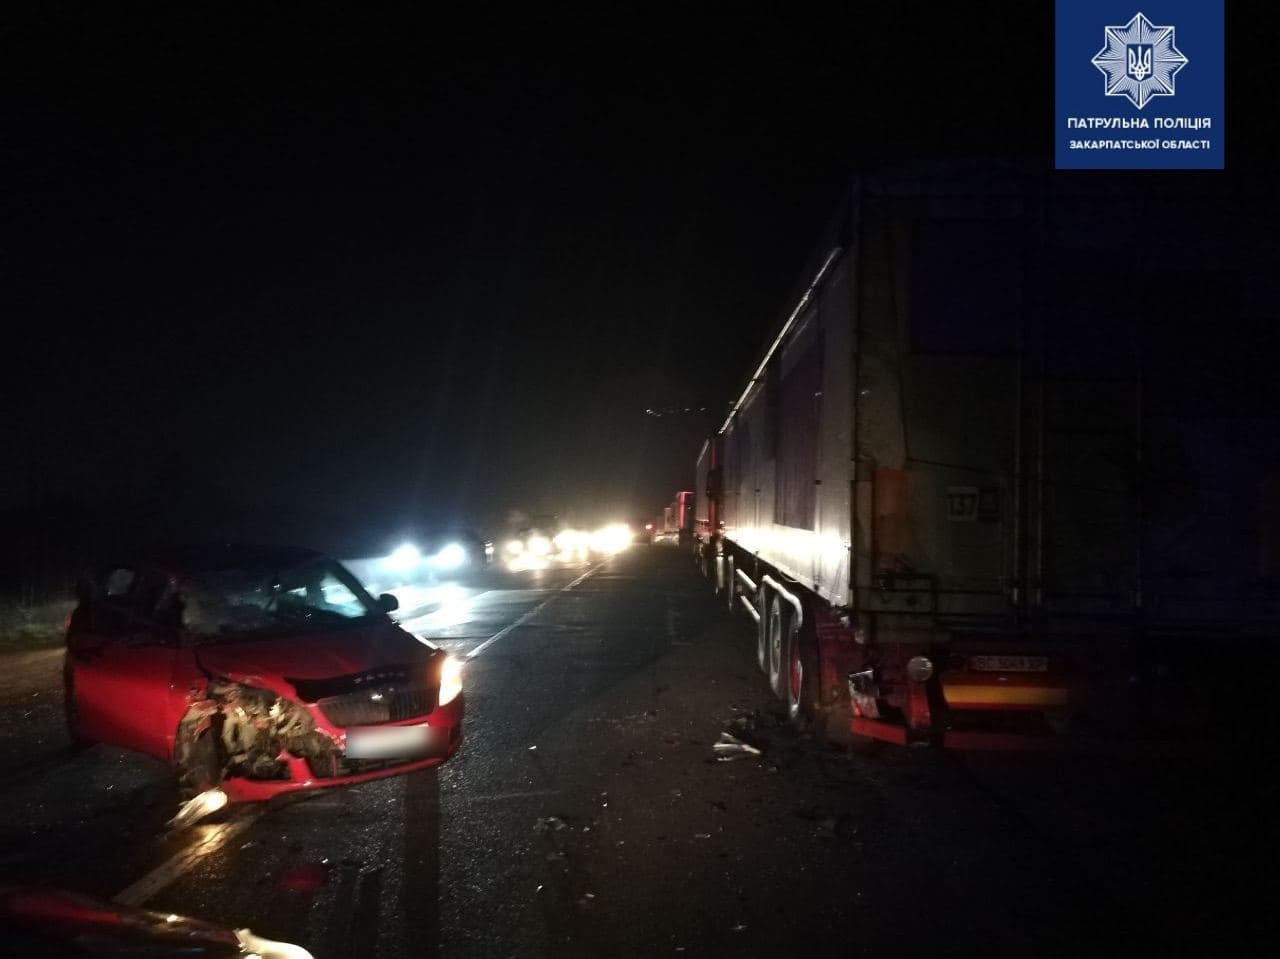 Вчора, близько 18-ї години, надійшов виклик про ДТП на об'їзній дорозі міста Ужгород.